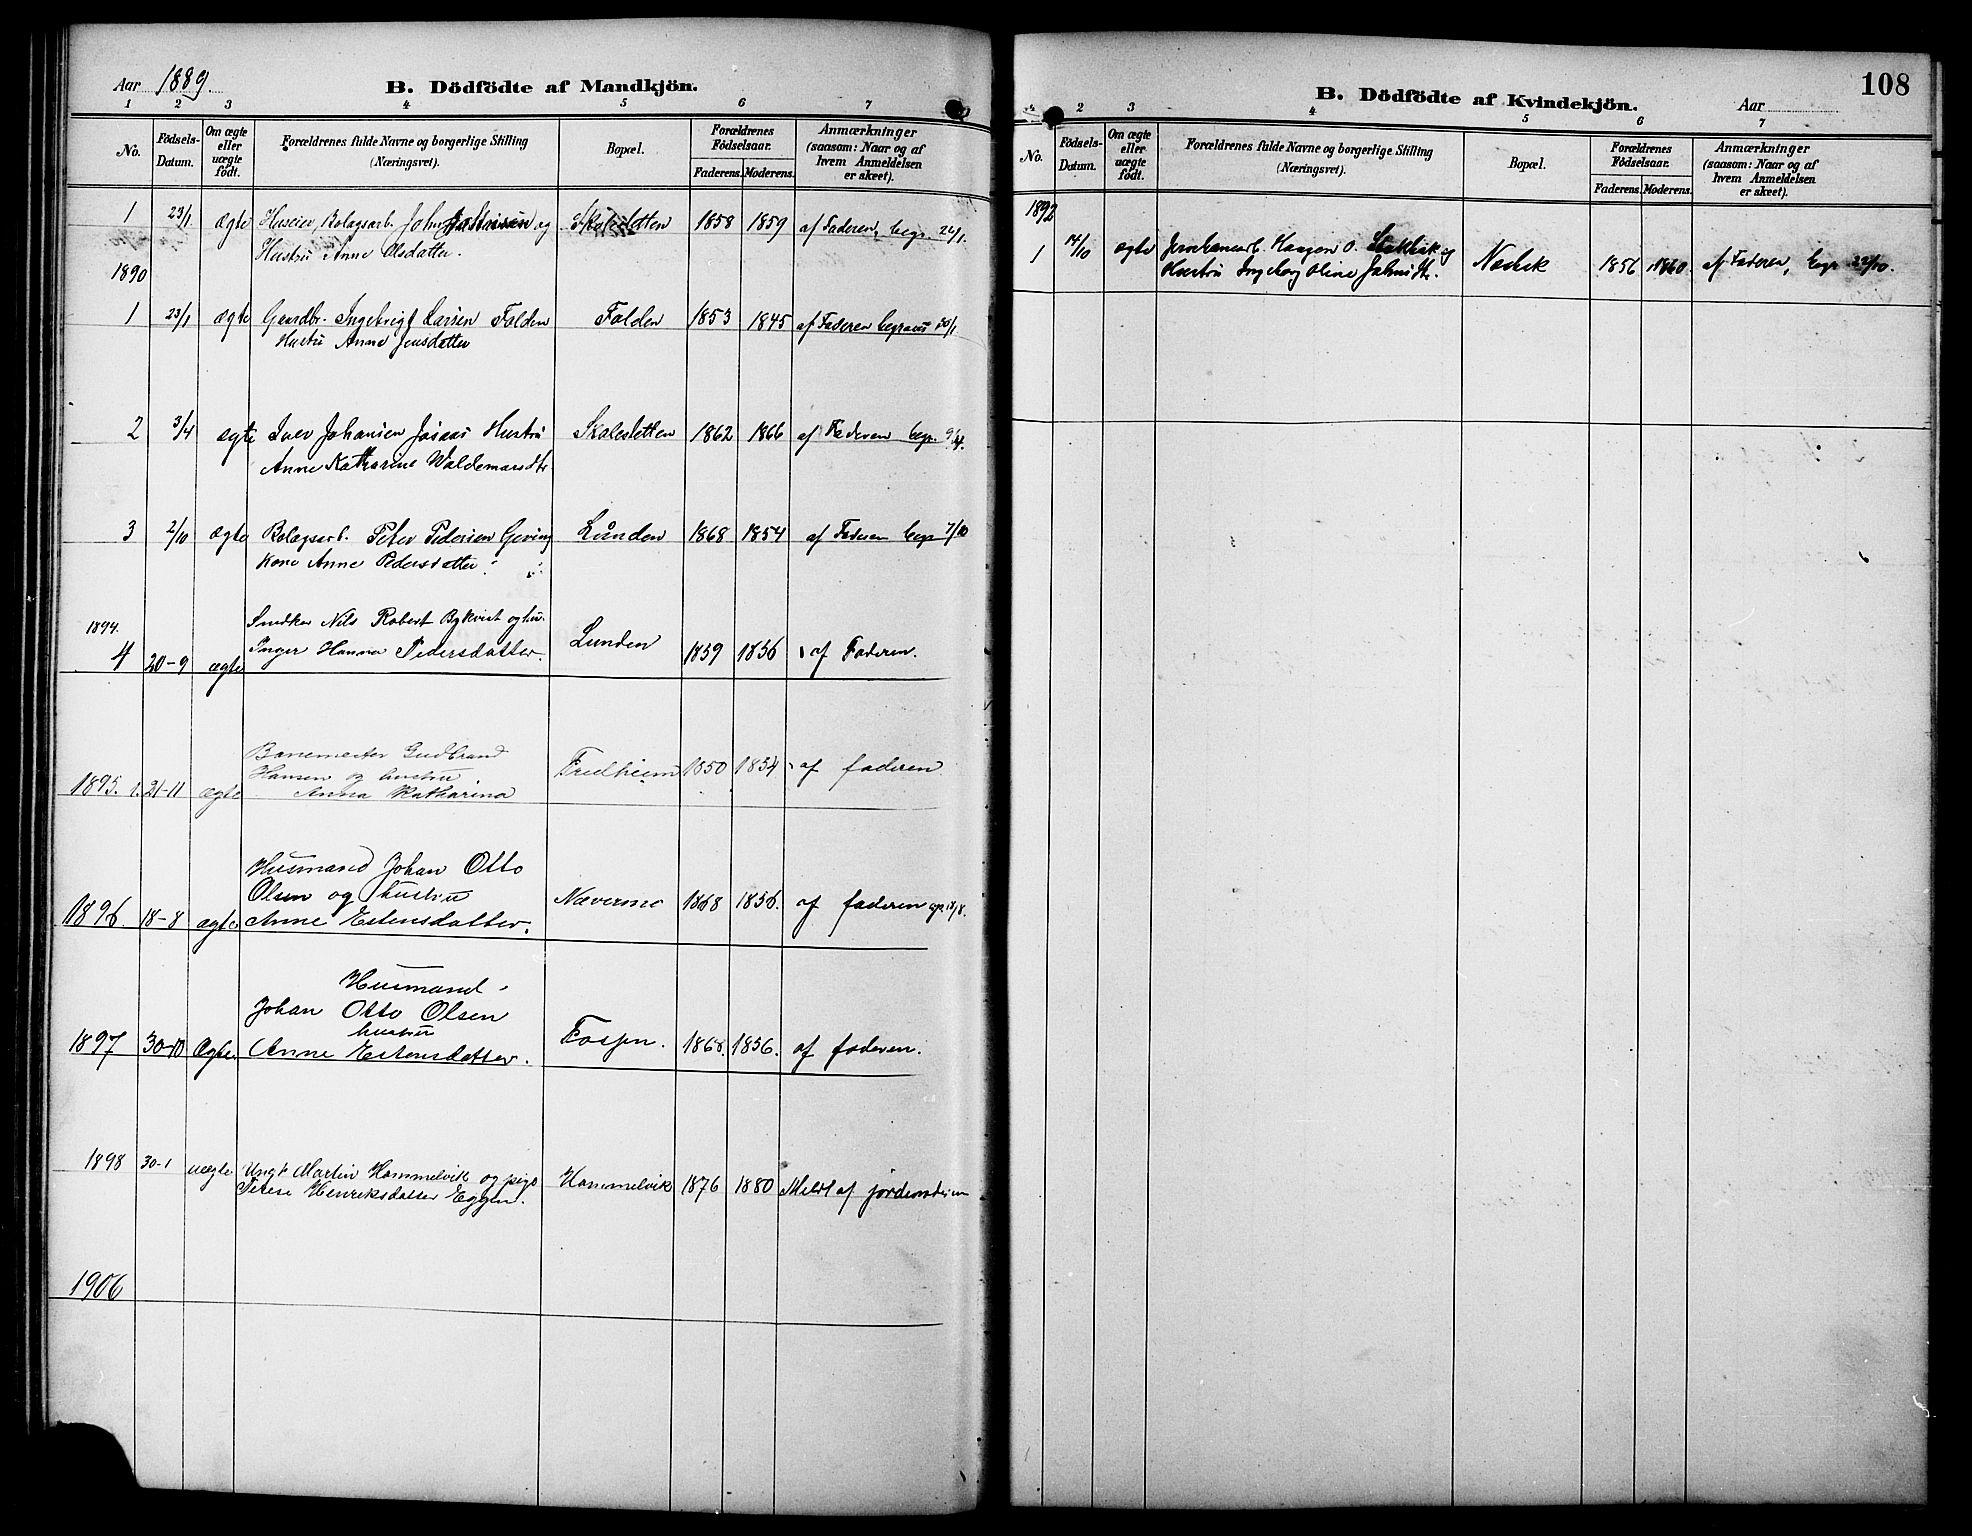 SAT, Ministerialprotokoller, klokkerbøker og fødselsregistre - Sør-Trøndelag, 617/L0431: Klokkerbok nr. 617C01, 1889-1910, s. 108